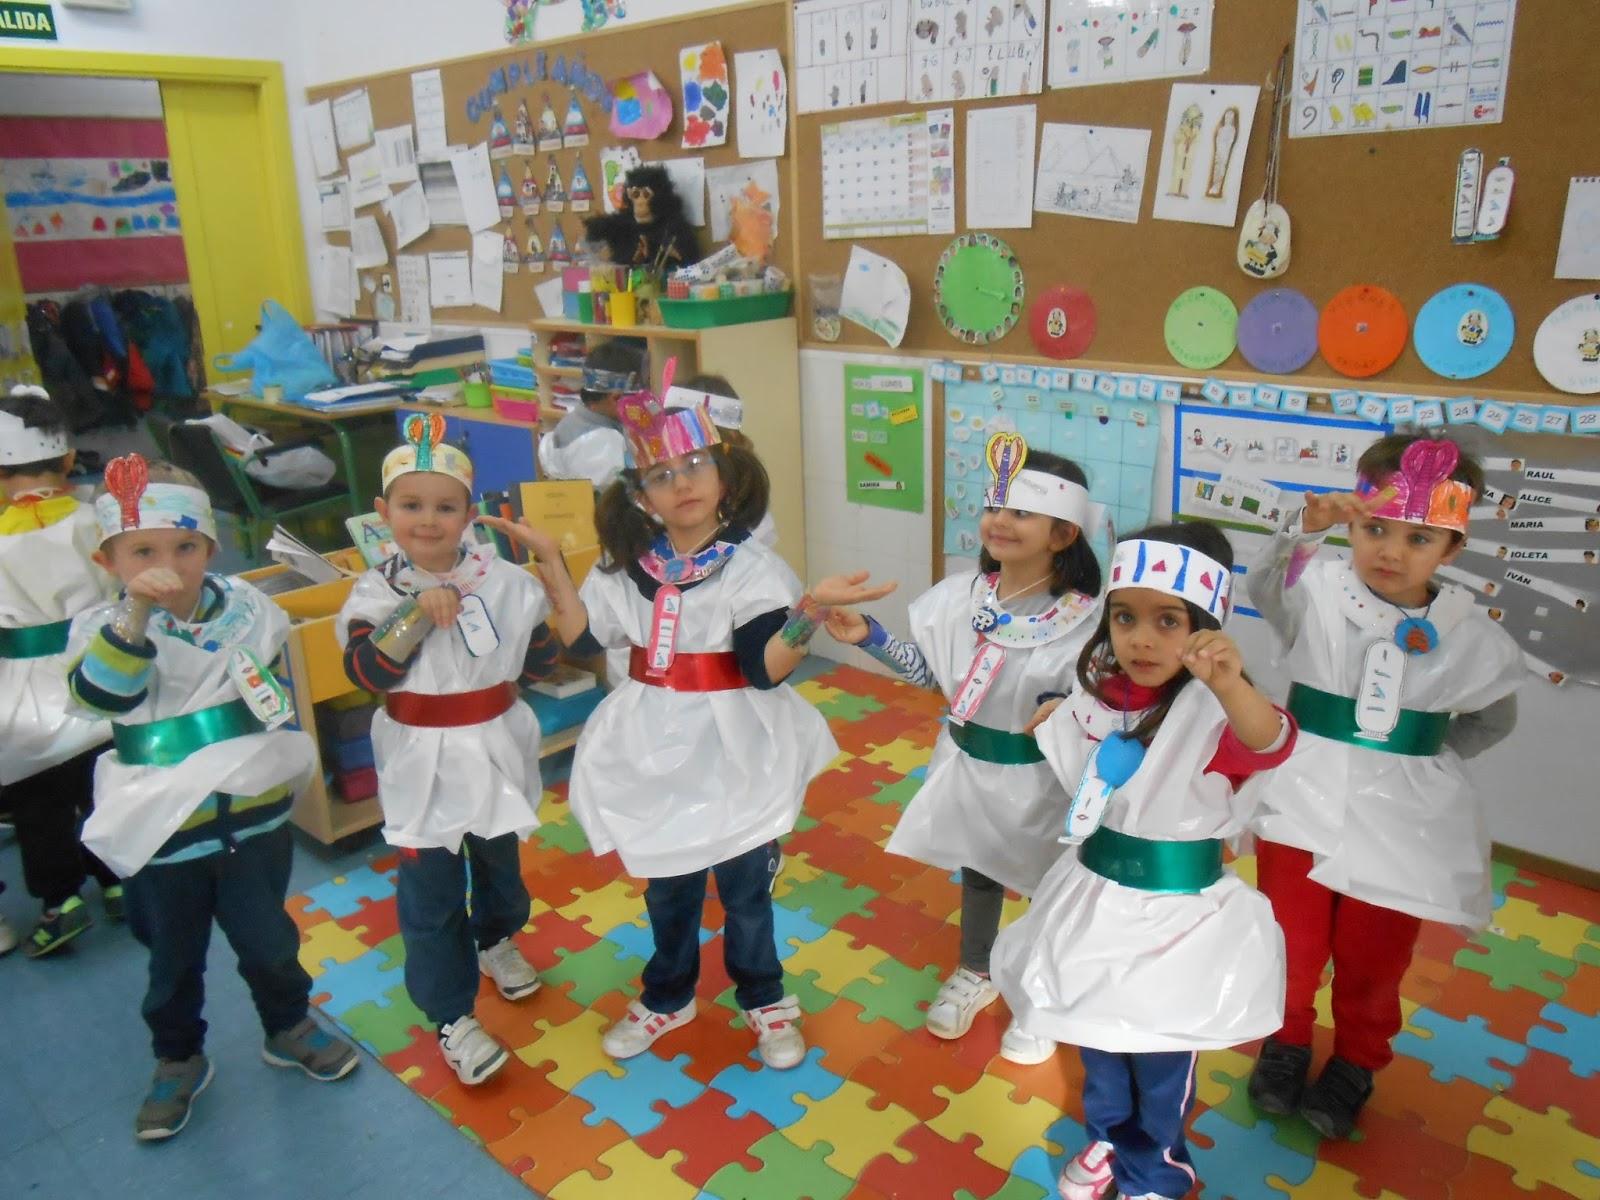 Colegio p blico aldebar n tres cantos novedades y for Proyecto de comedor infantil